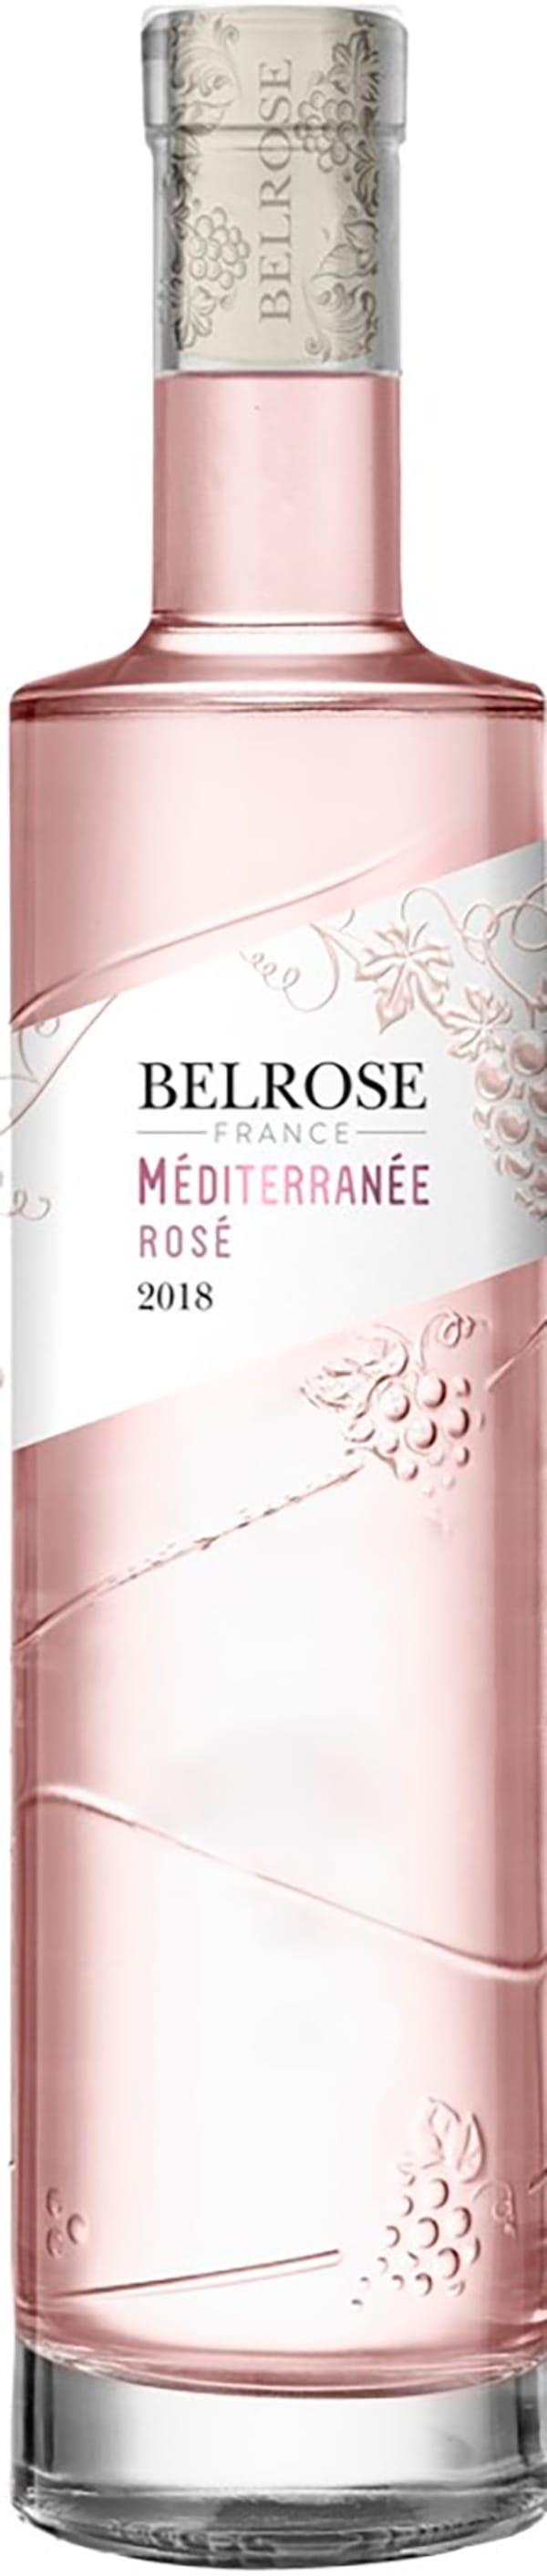 Belrose Rose 2018